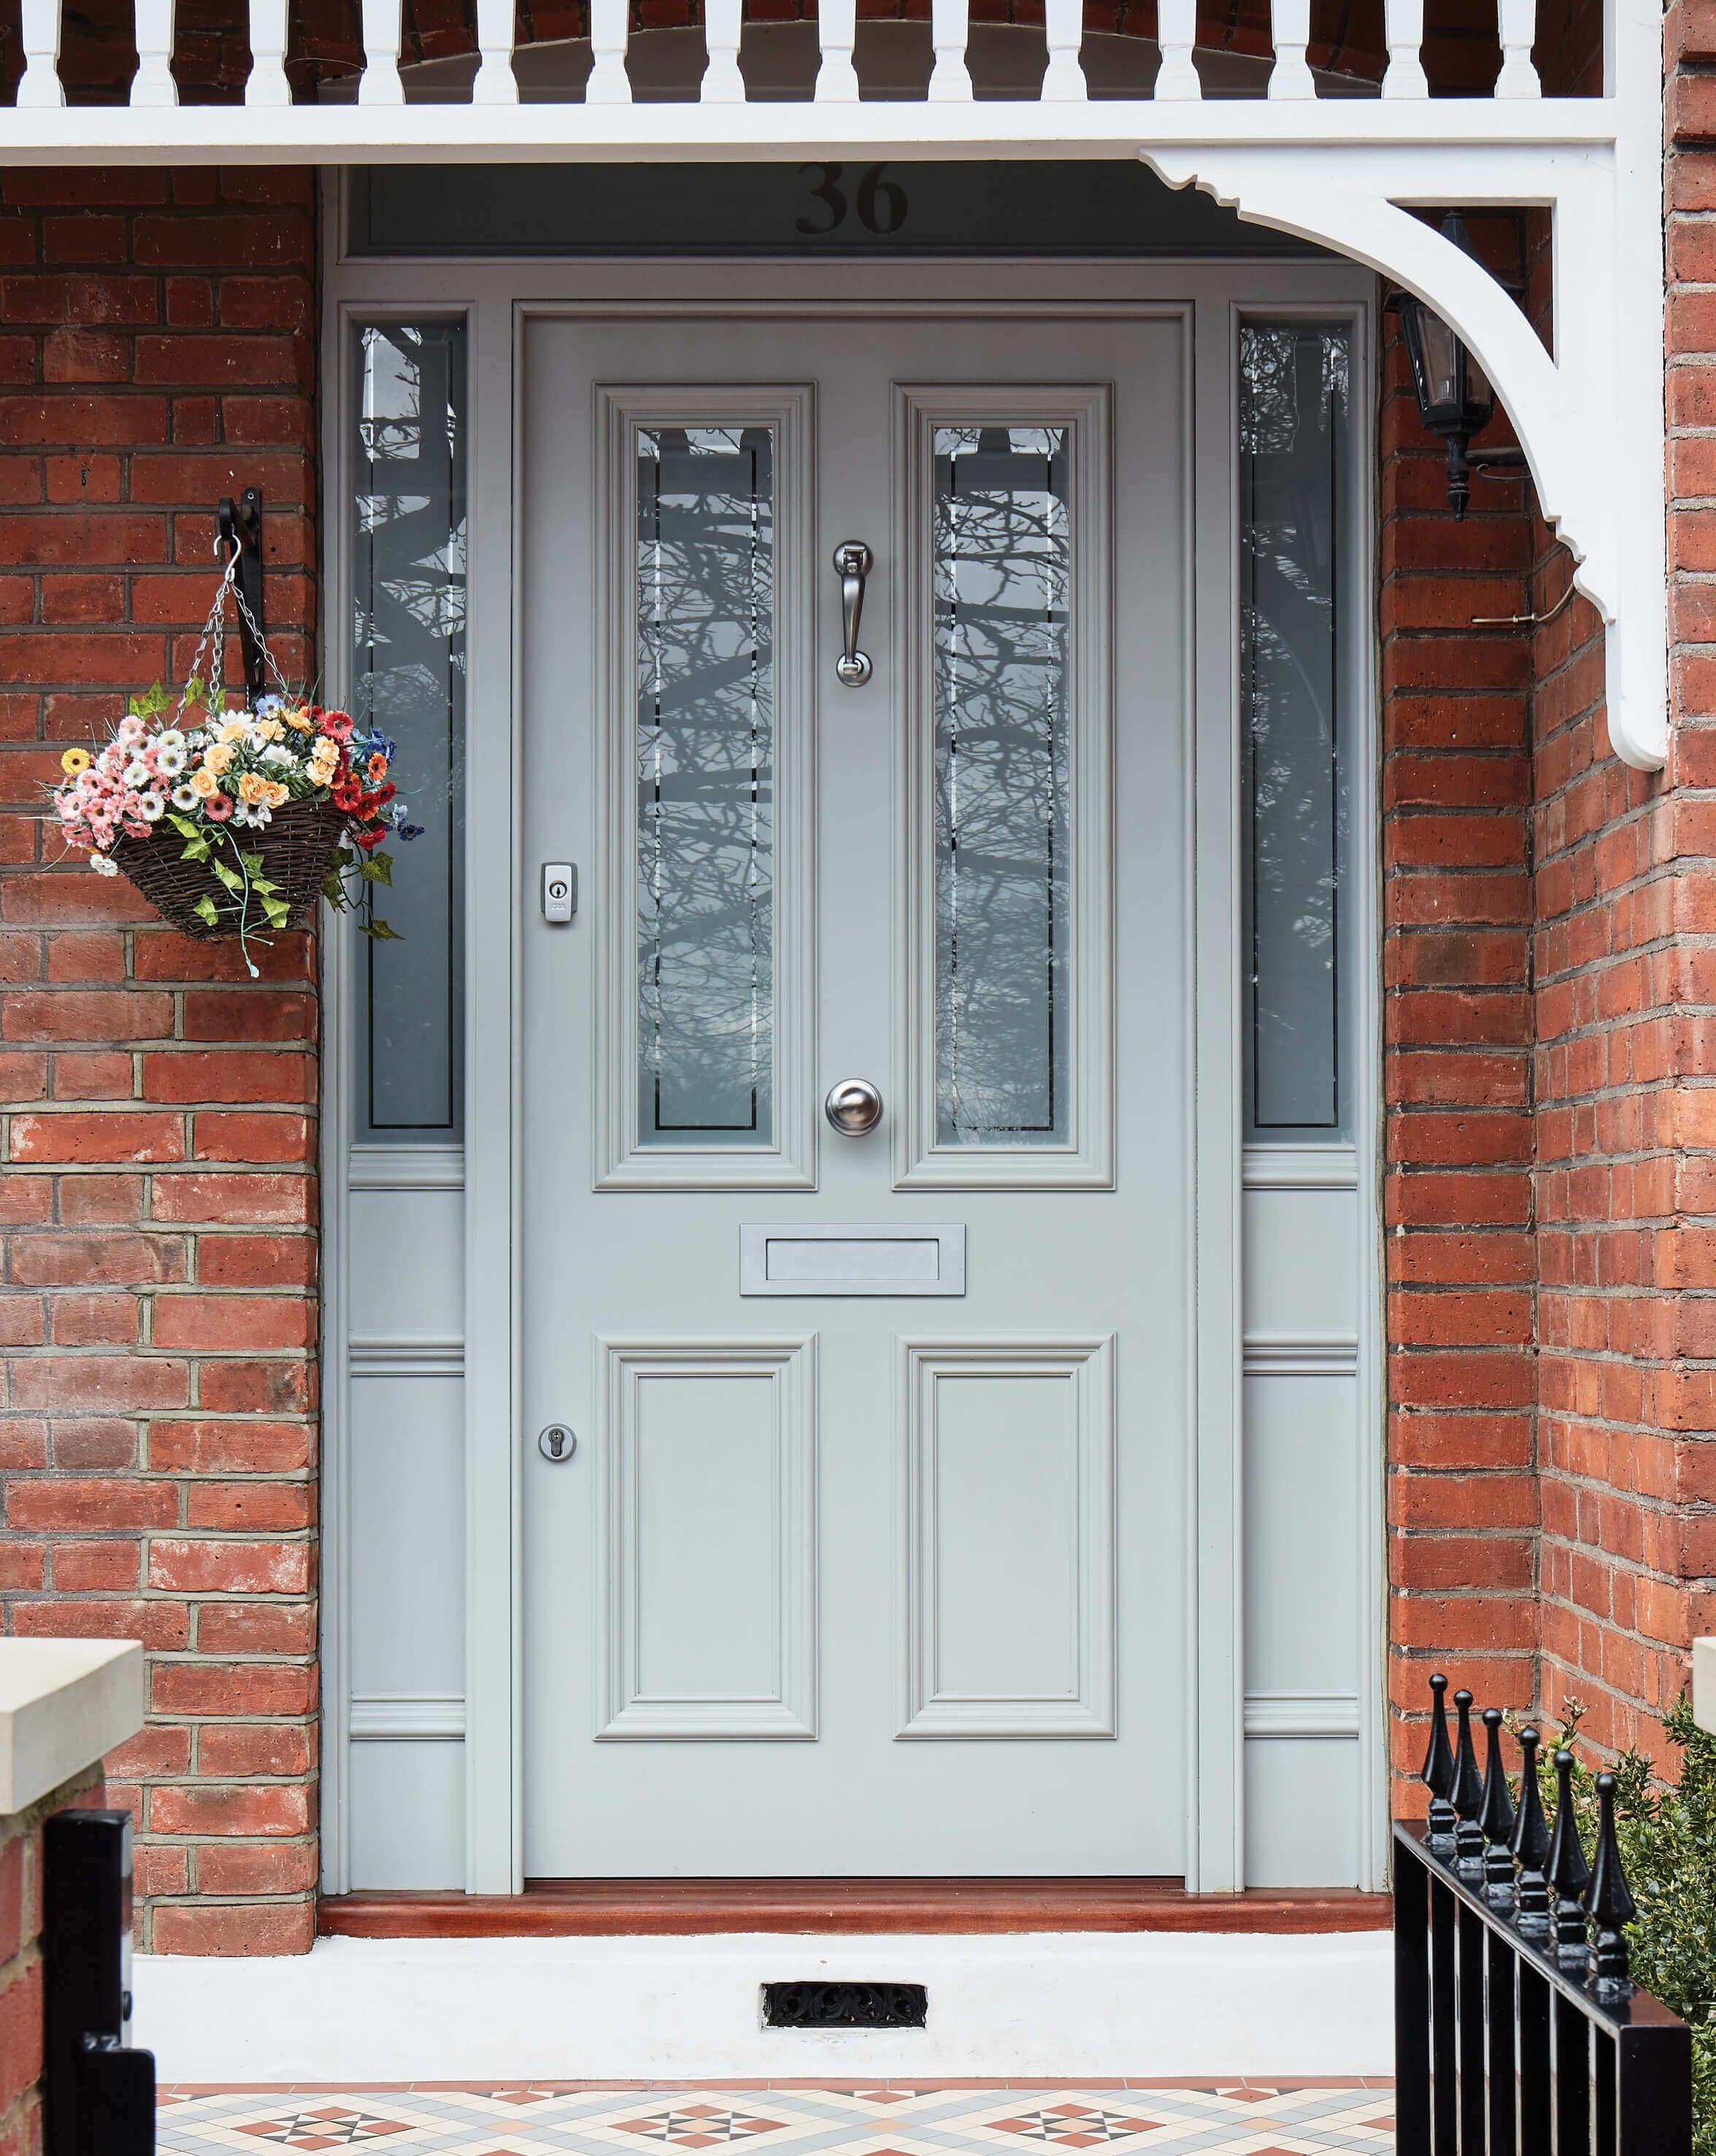 Front Doors In The Grand Way Topsdecor Com In 2020 Victorian Front Doors Front Door Design House Front Door